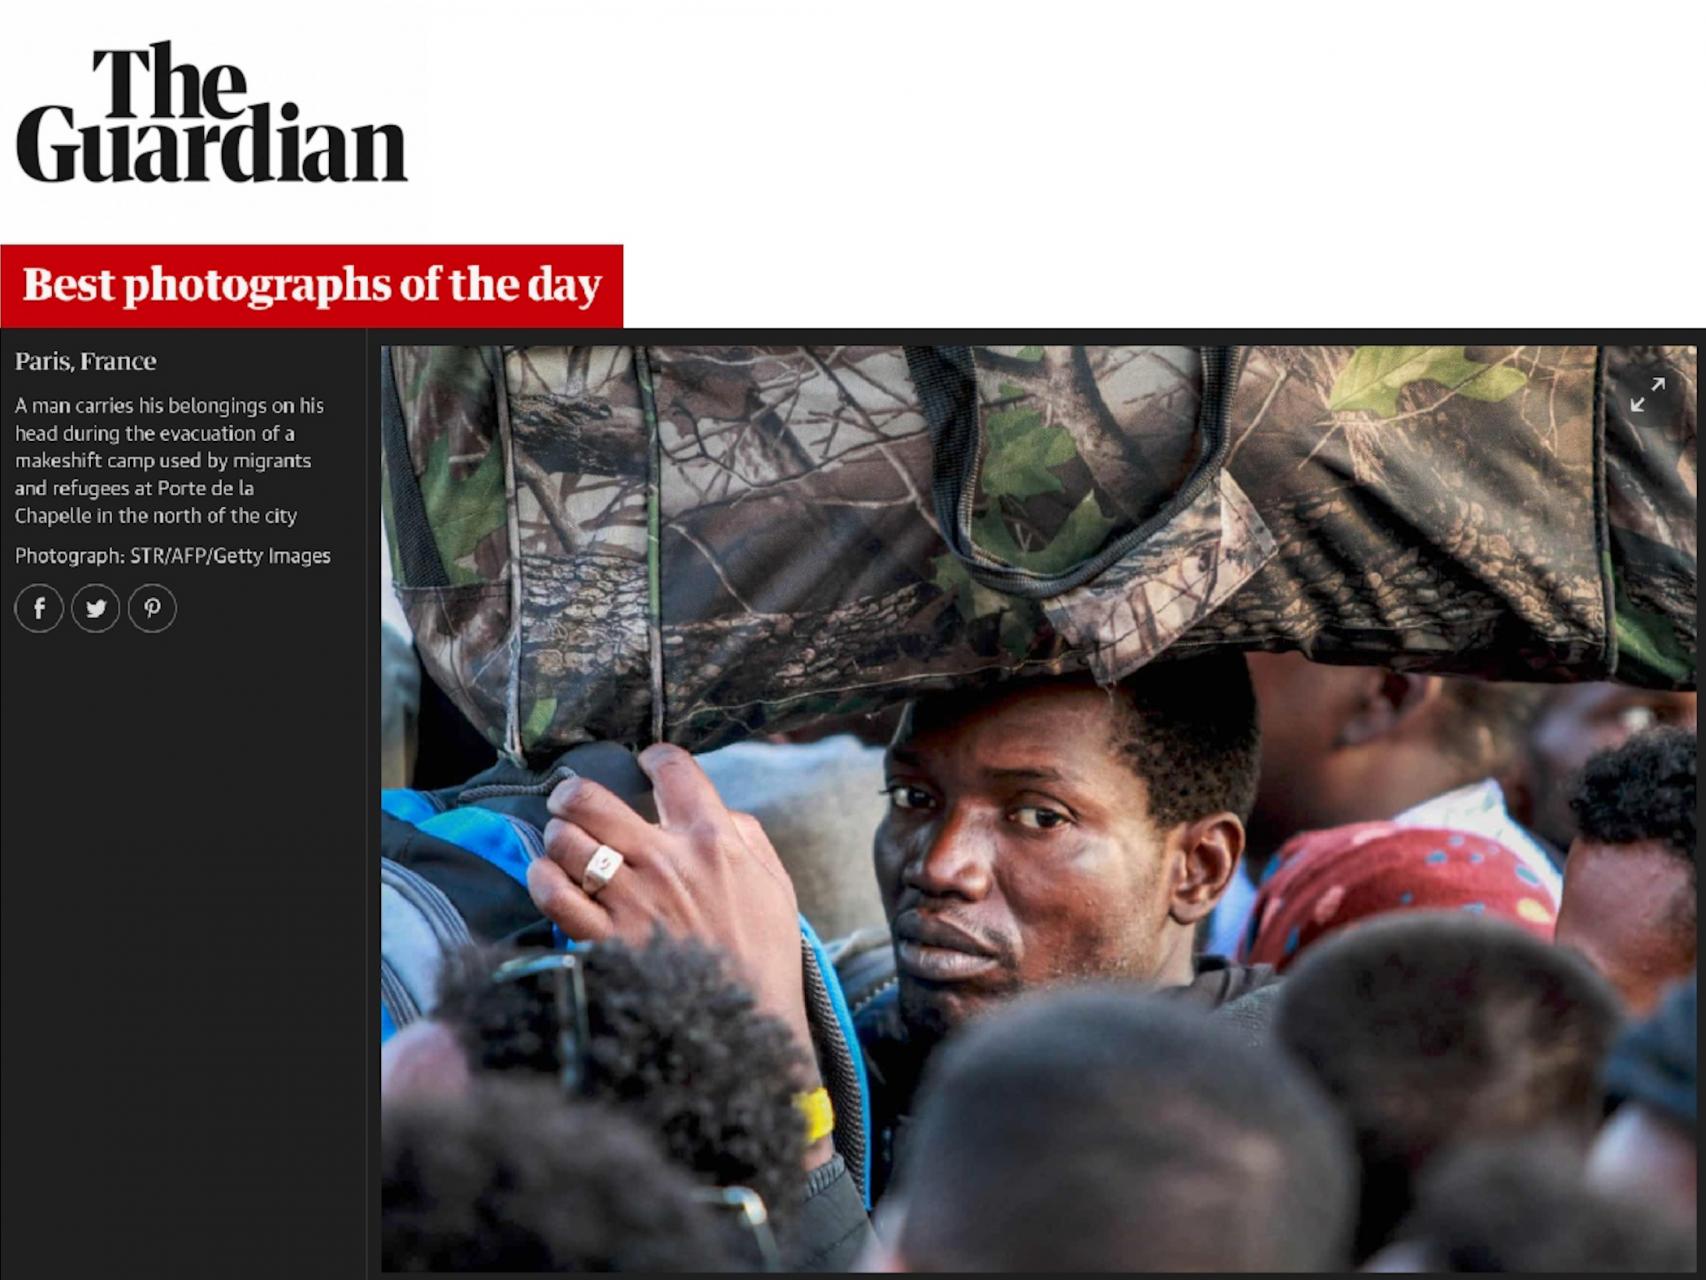 Sélection dans les meilleurs photographies du jour du journal The Guardian le 7 juillet 2017